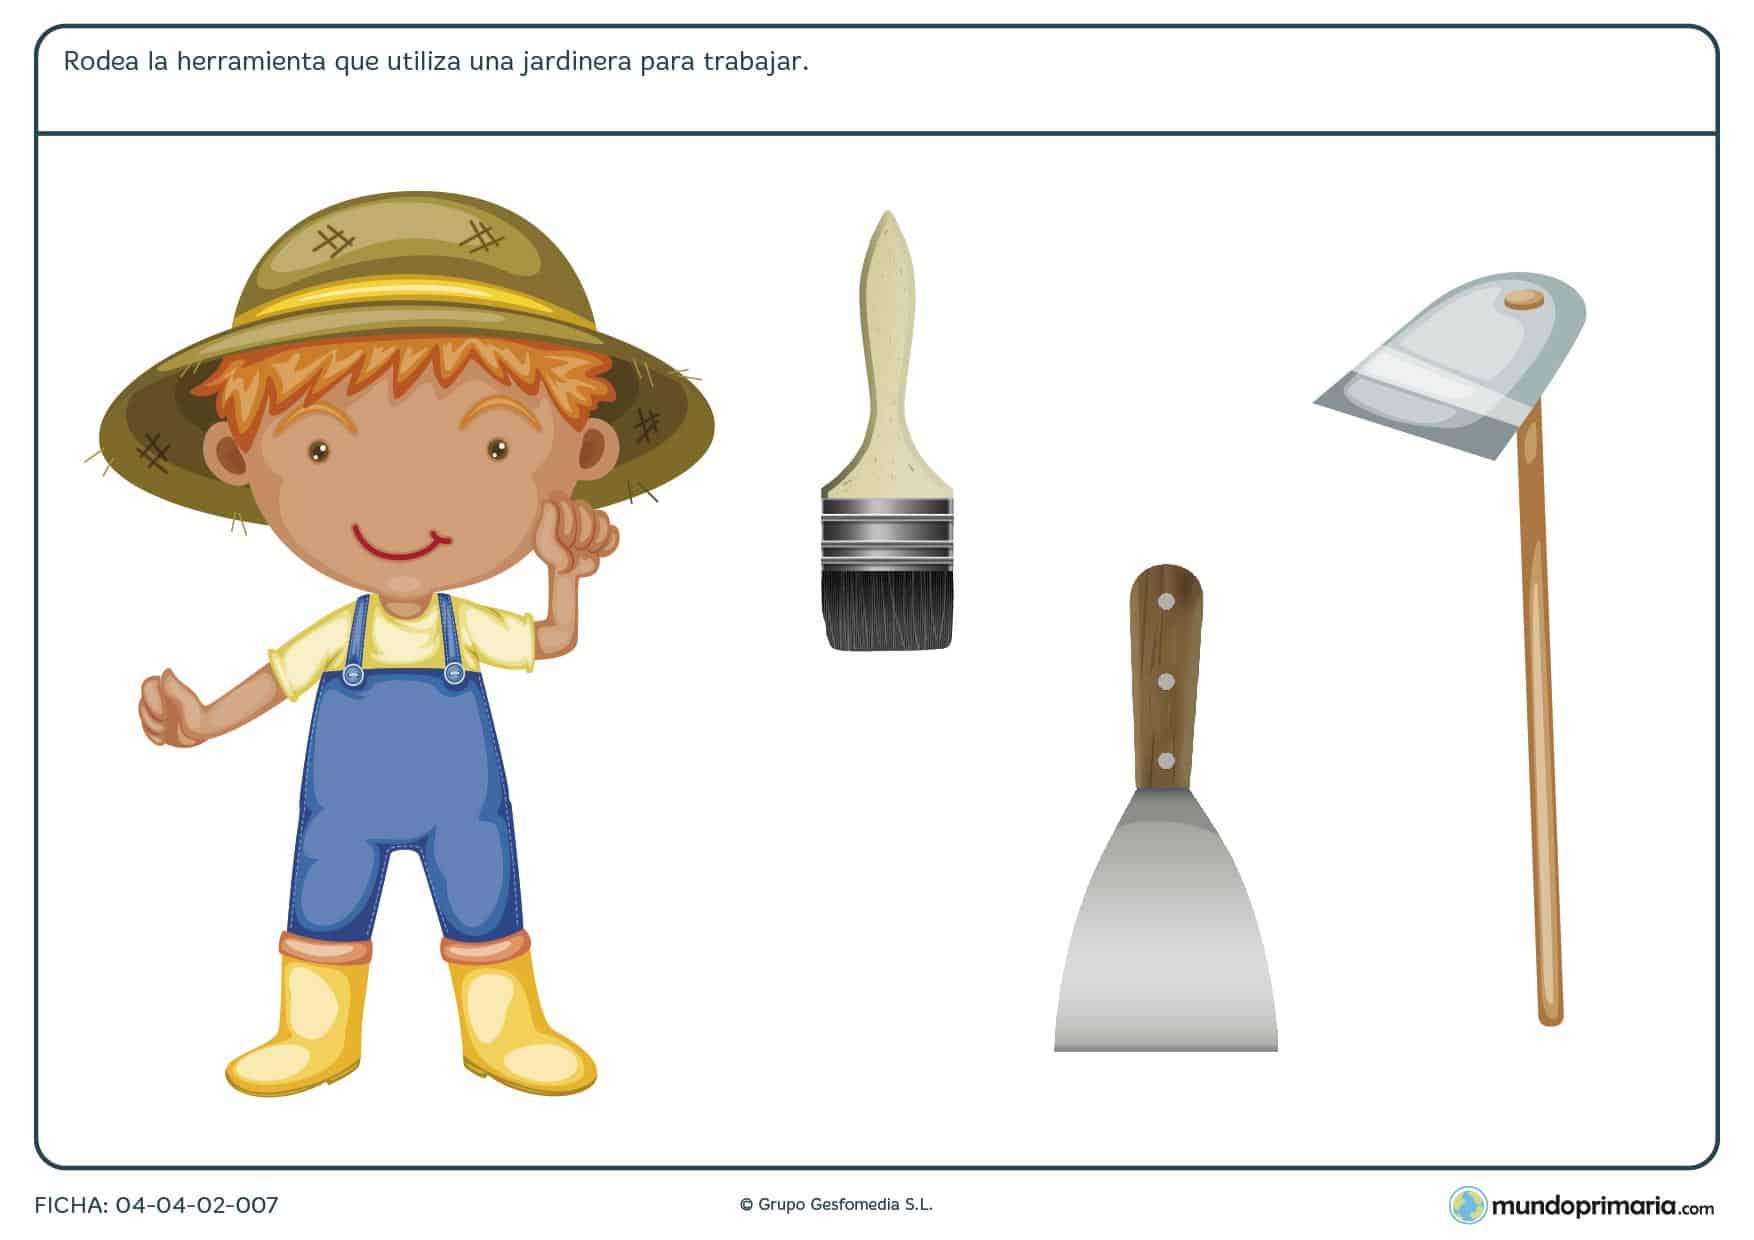 Ficha de herramientas del jardinero en el que hay que rodear cúal de las herramientas proporcionadas utiliza el jardinero para trabajar.